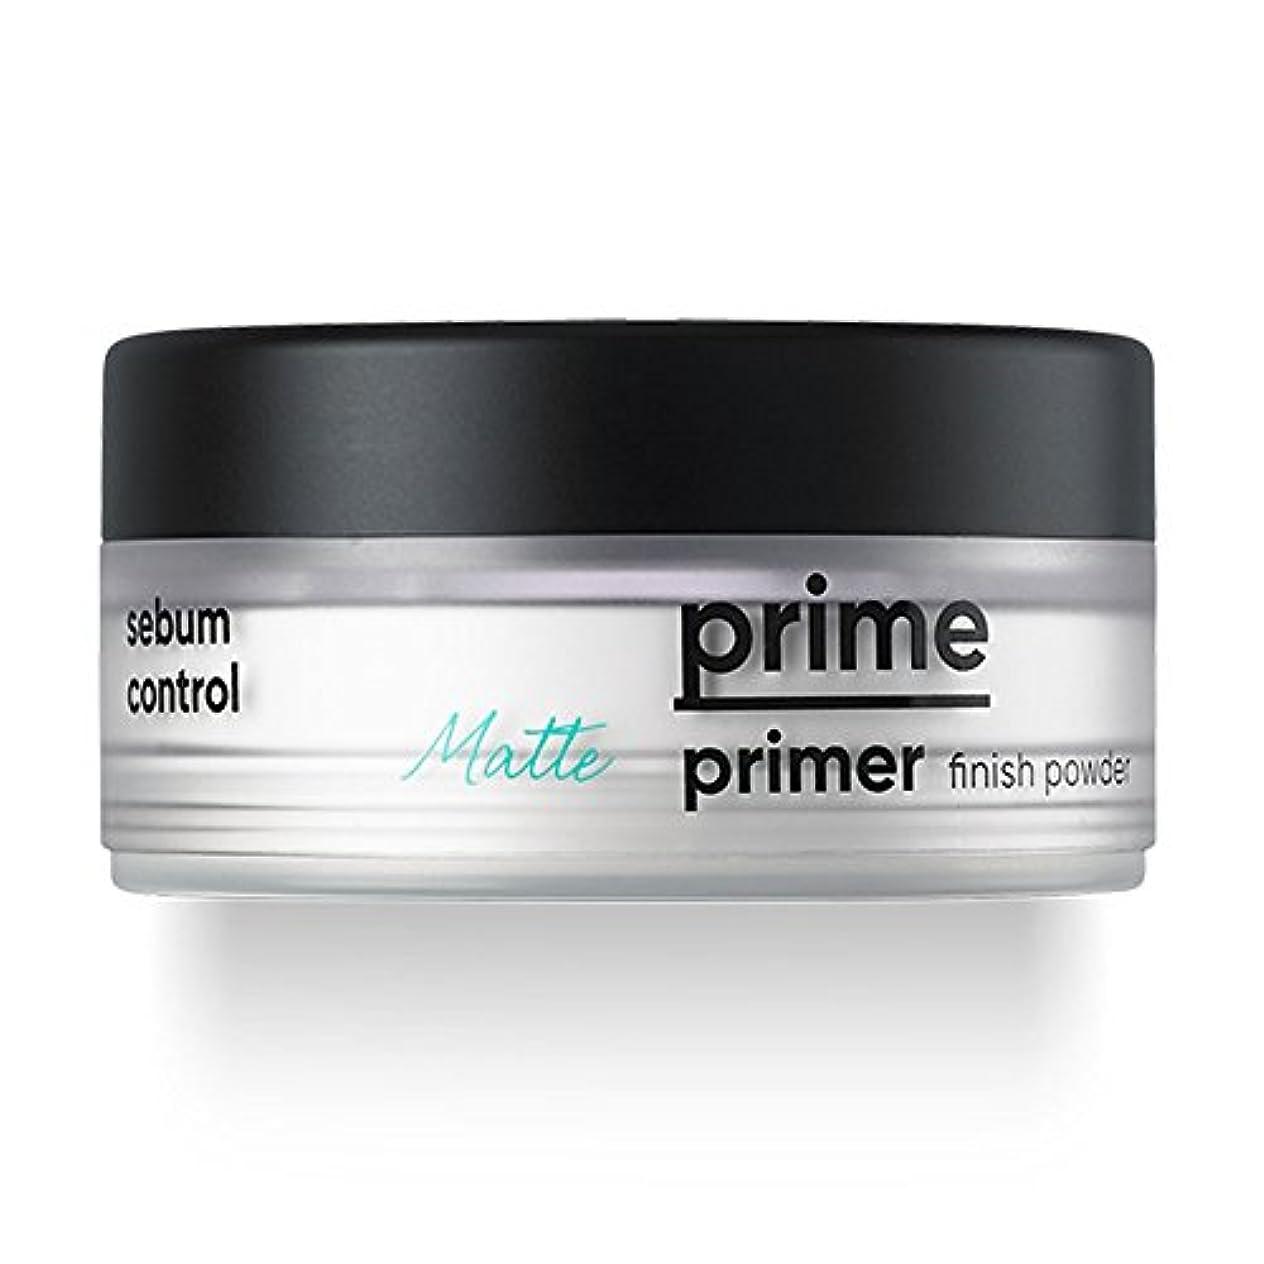 BANILA CO(バニラコ) プライム プライマー フィニッシュ パウダー Prime Primer Matte Finish Powder 12g